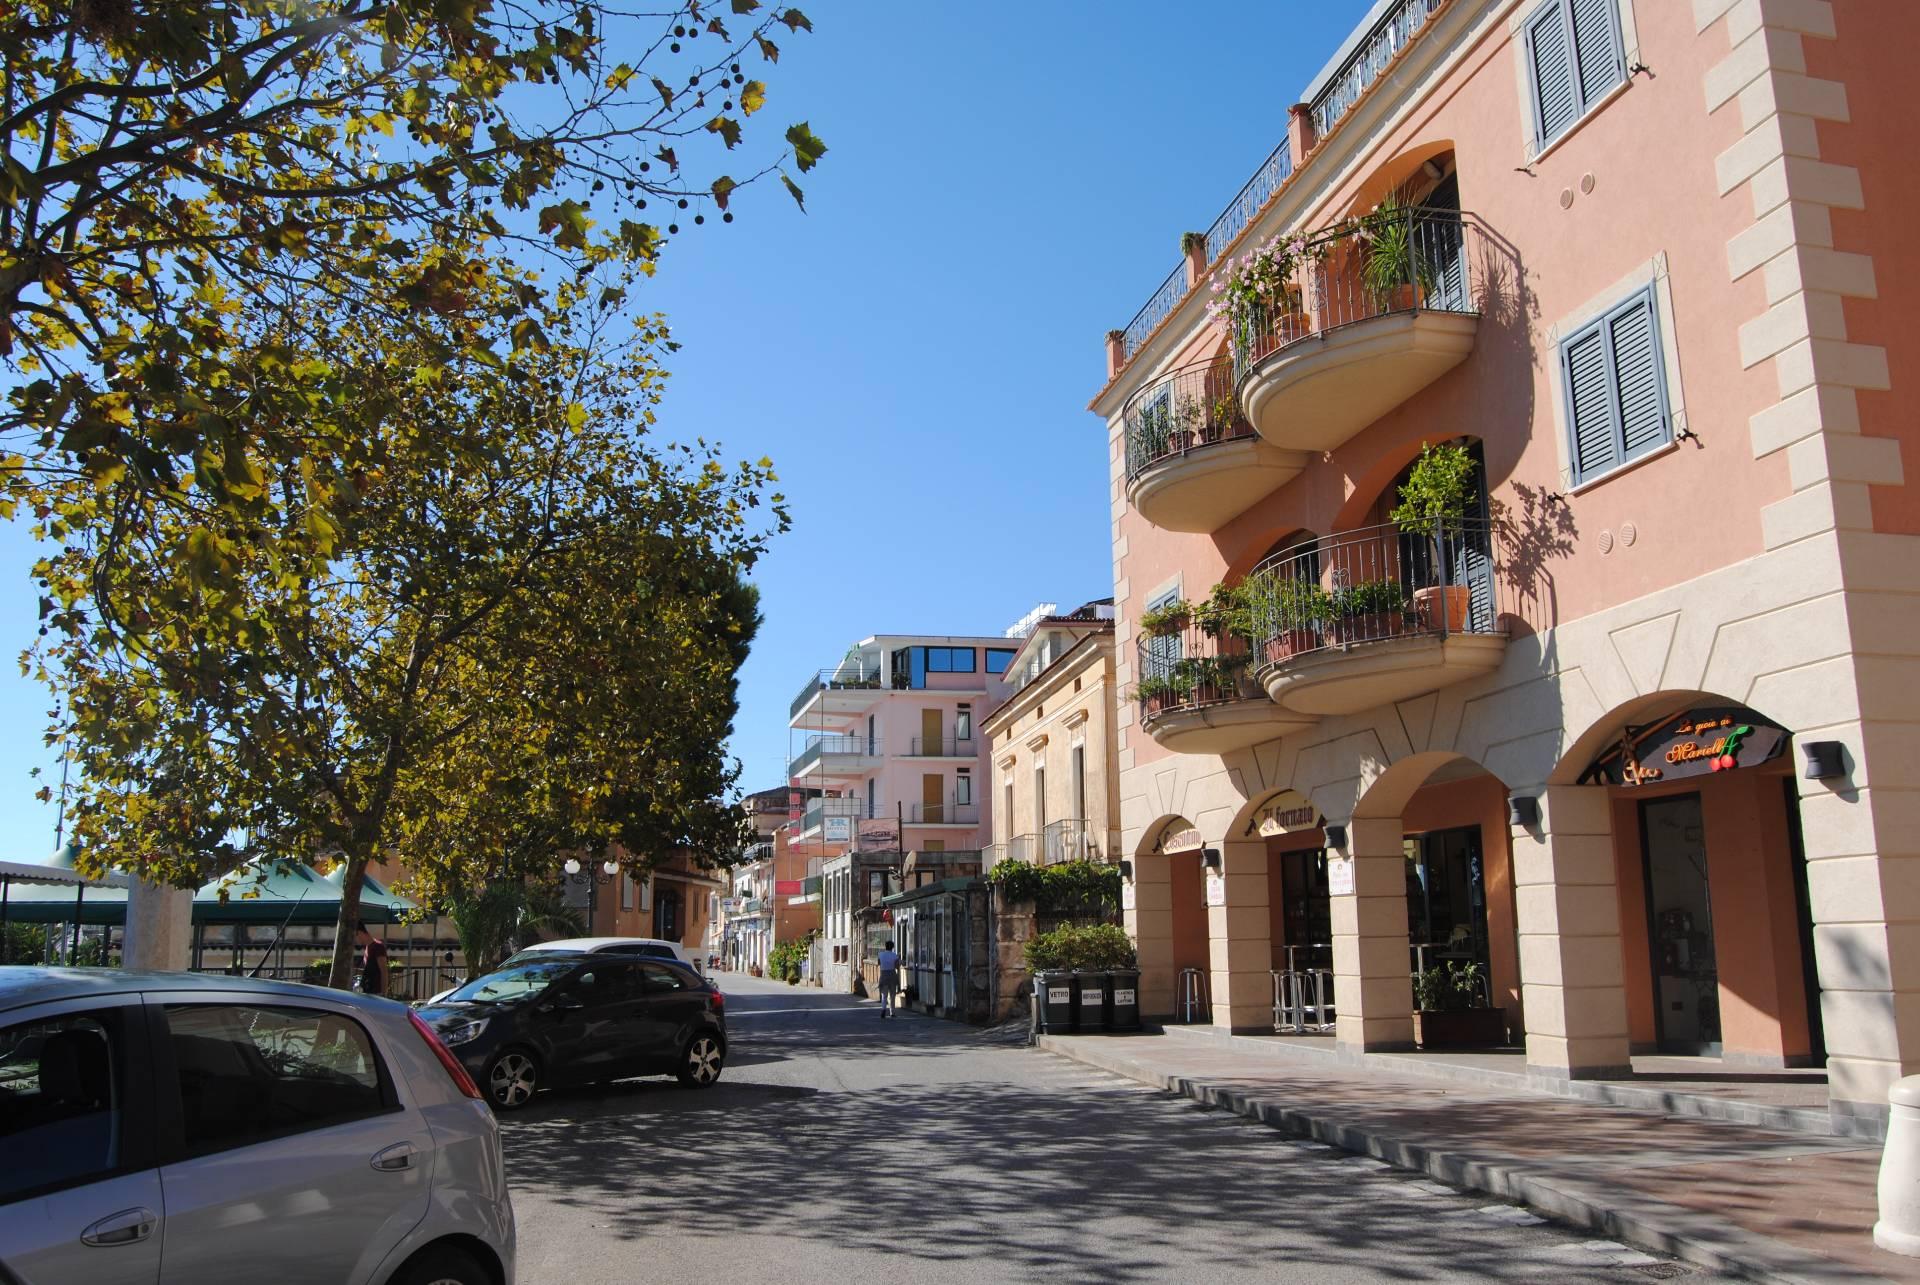 Appartamento in vendita a Camerota, 4 locali, zona Località: MarinadiCamerota, prezzo € 288.000   CambioCasa.it